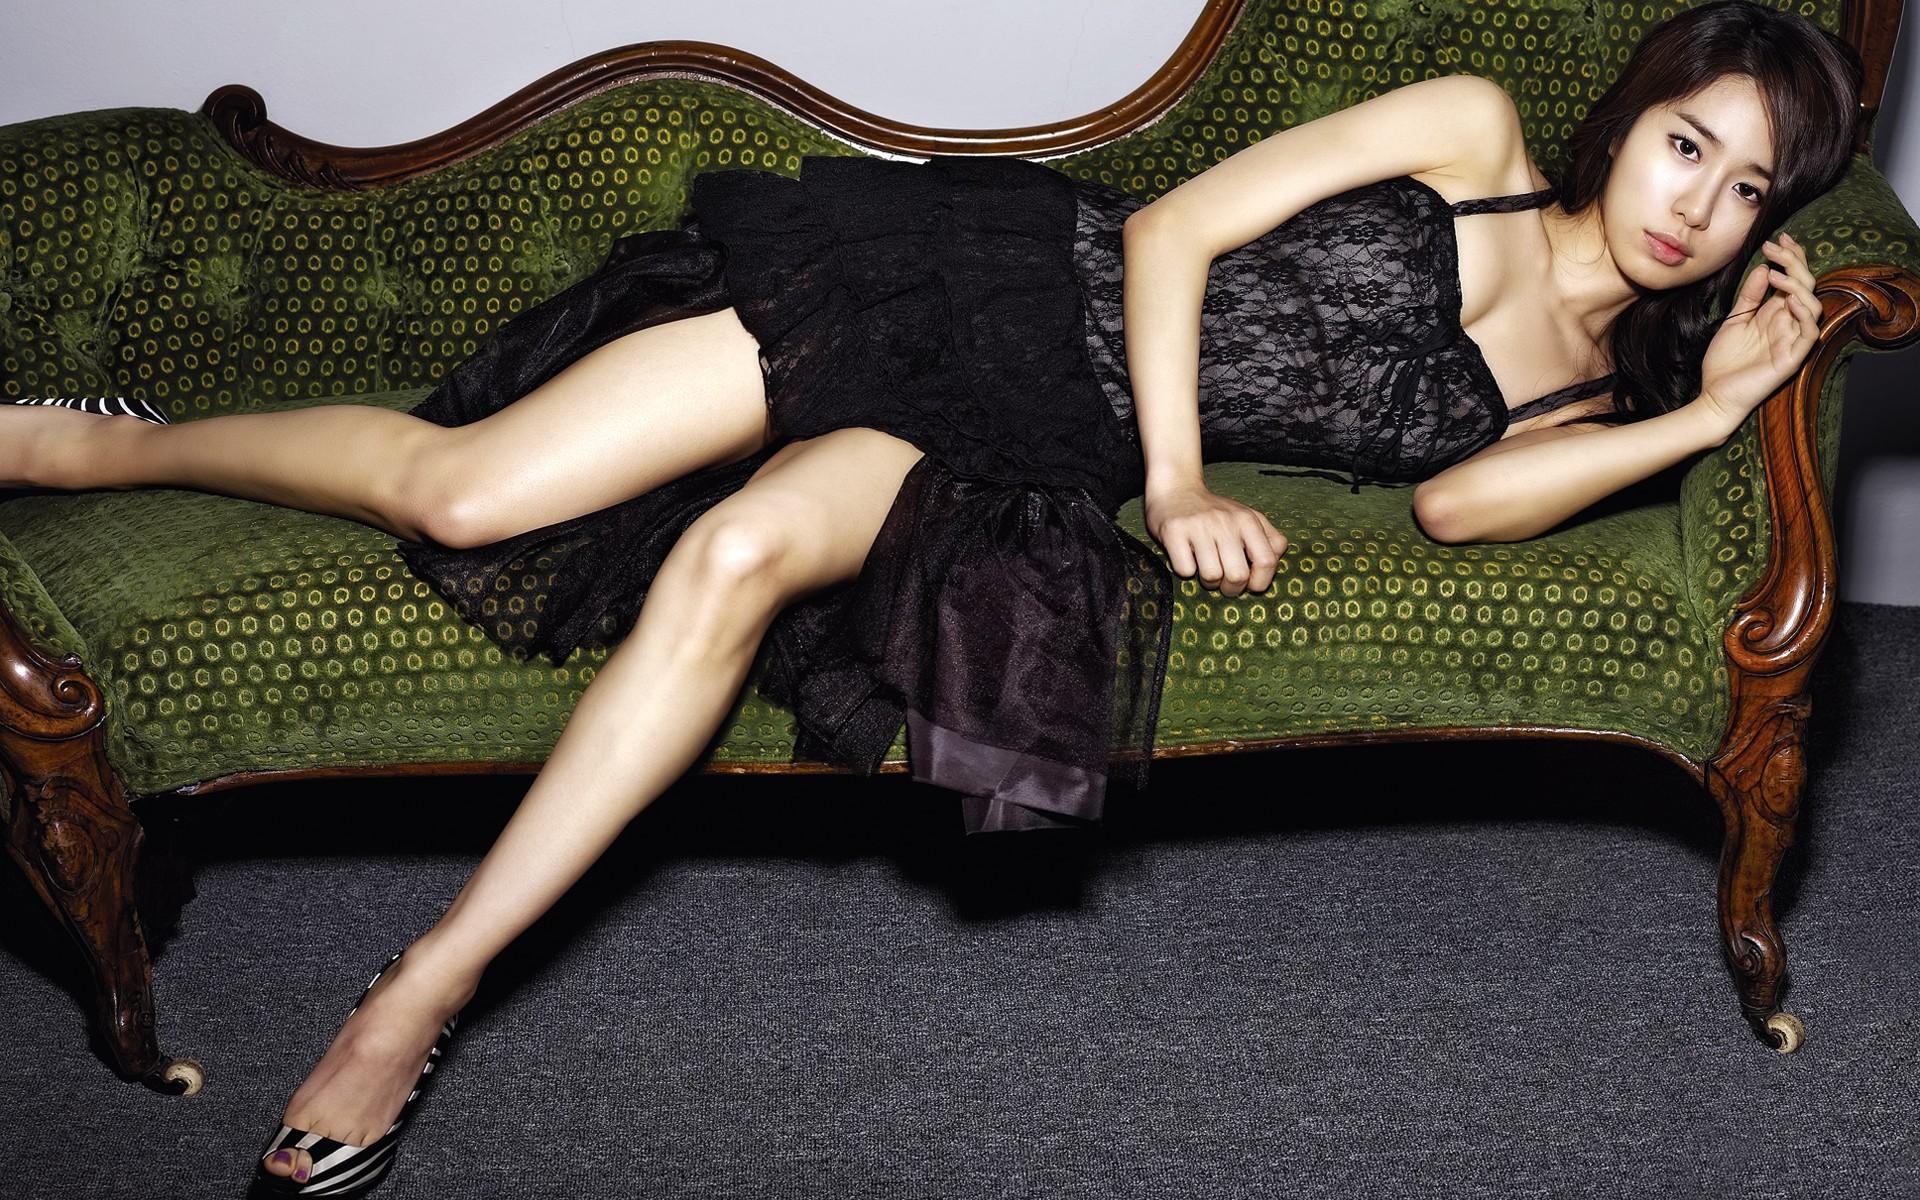 Black dress korean - Korean Girl In A Black Dress Lying On The Couch